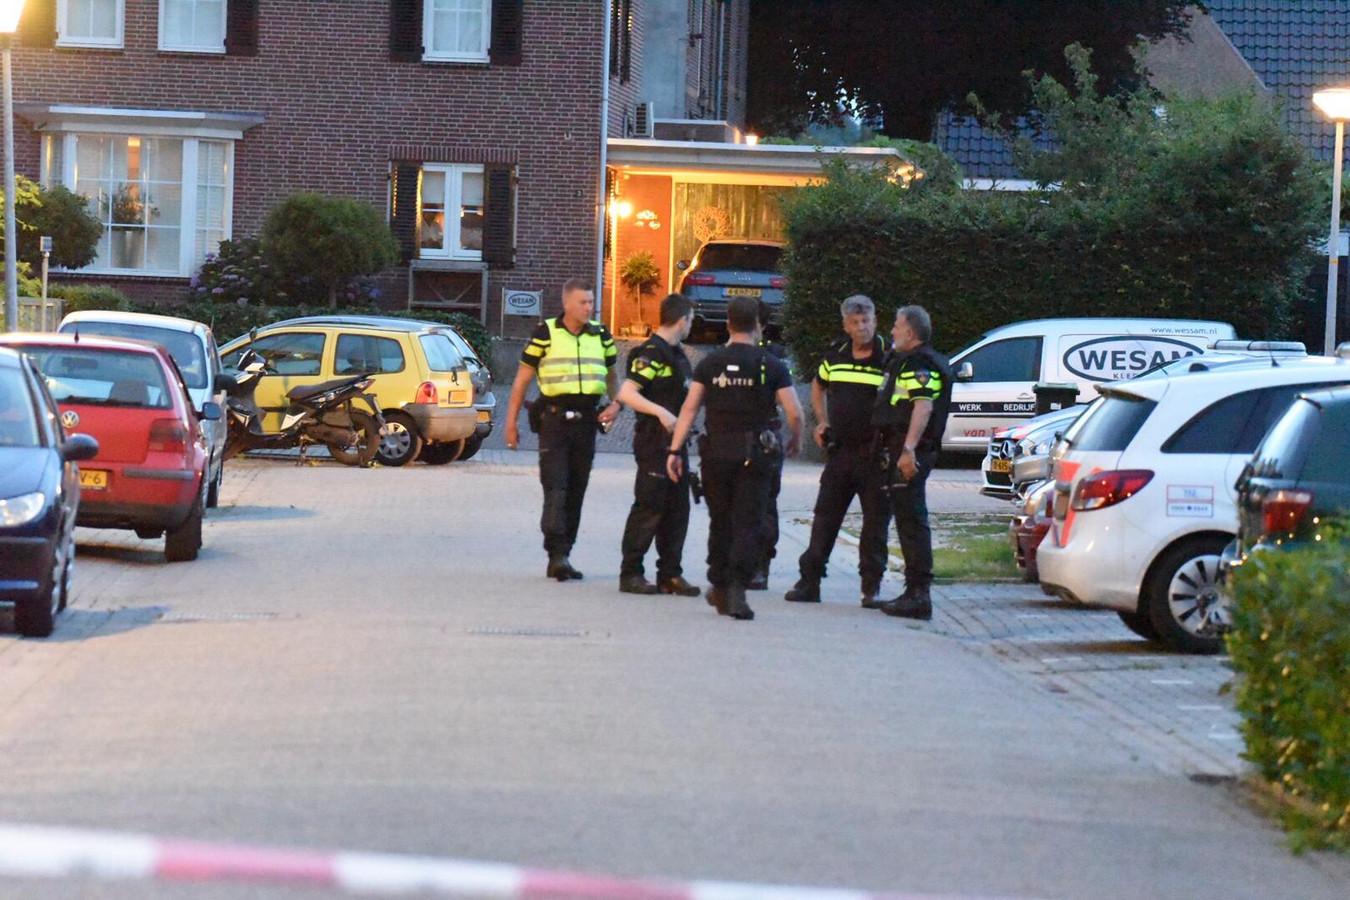 De politie bij de woning in Zeddam.